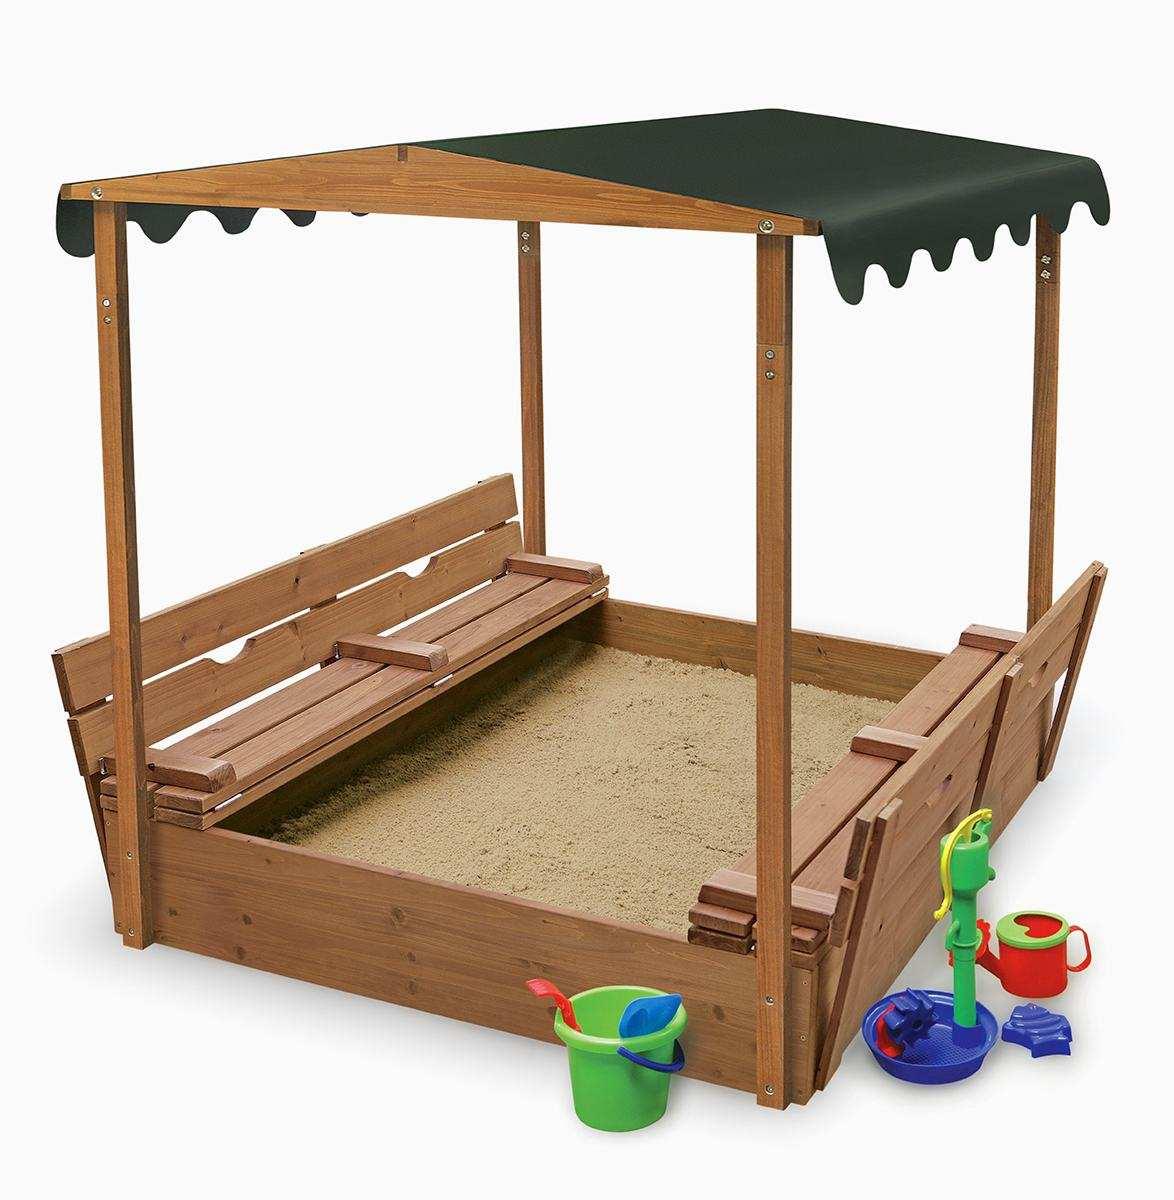 игровая песочница для подростков во дворе готовая конструкция